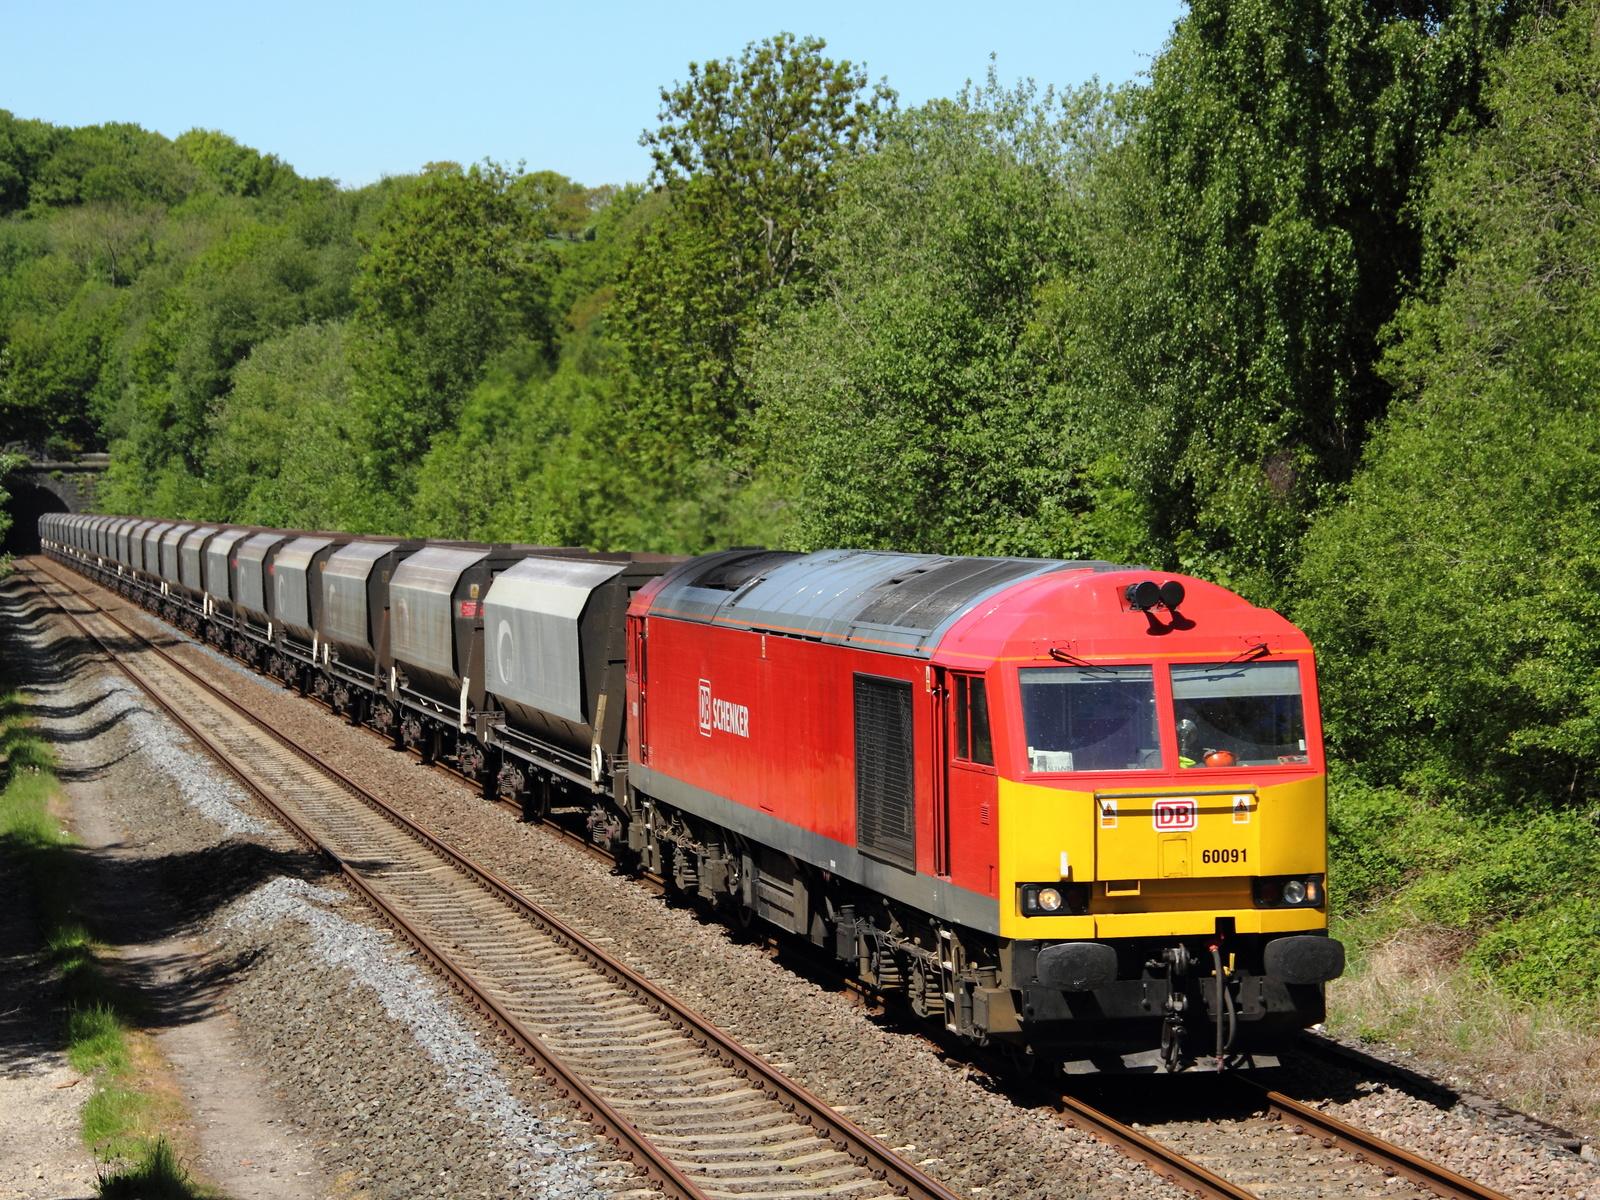 лес, железная дорога, поезд, состав, вагоны